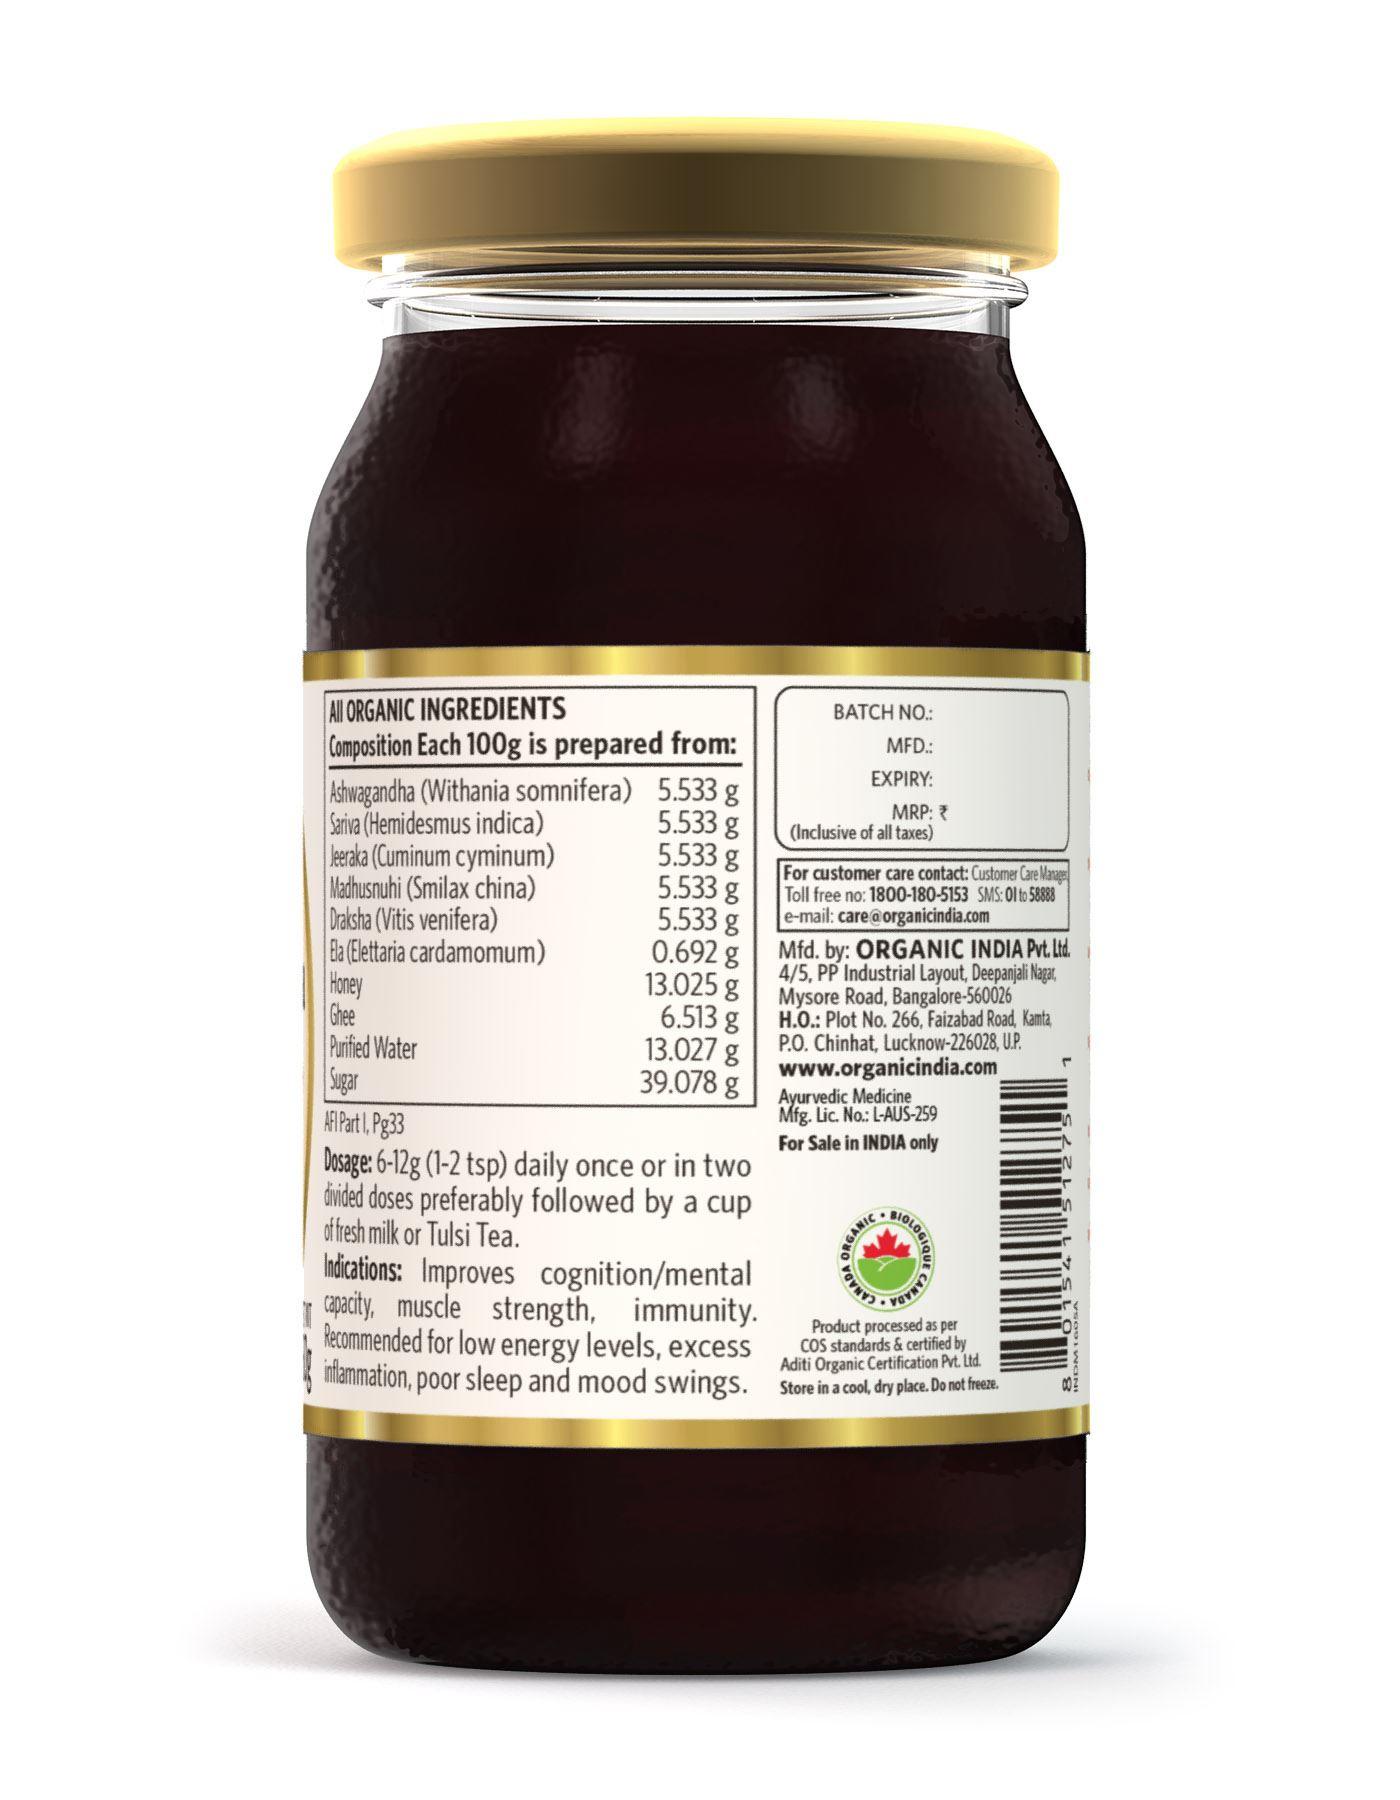 Picture of Organic India- Ashwagandhadhi Lehya 250 Grams